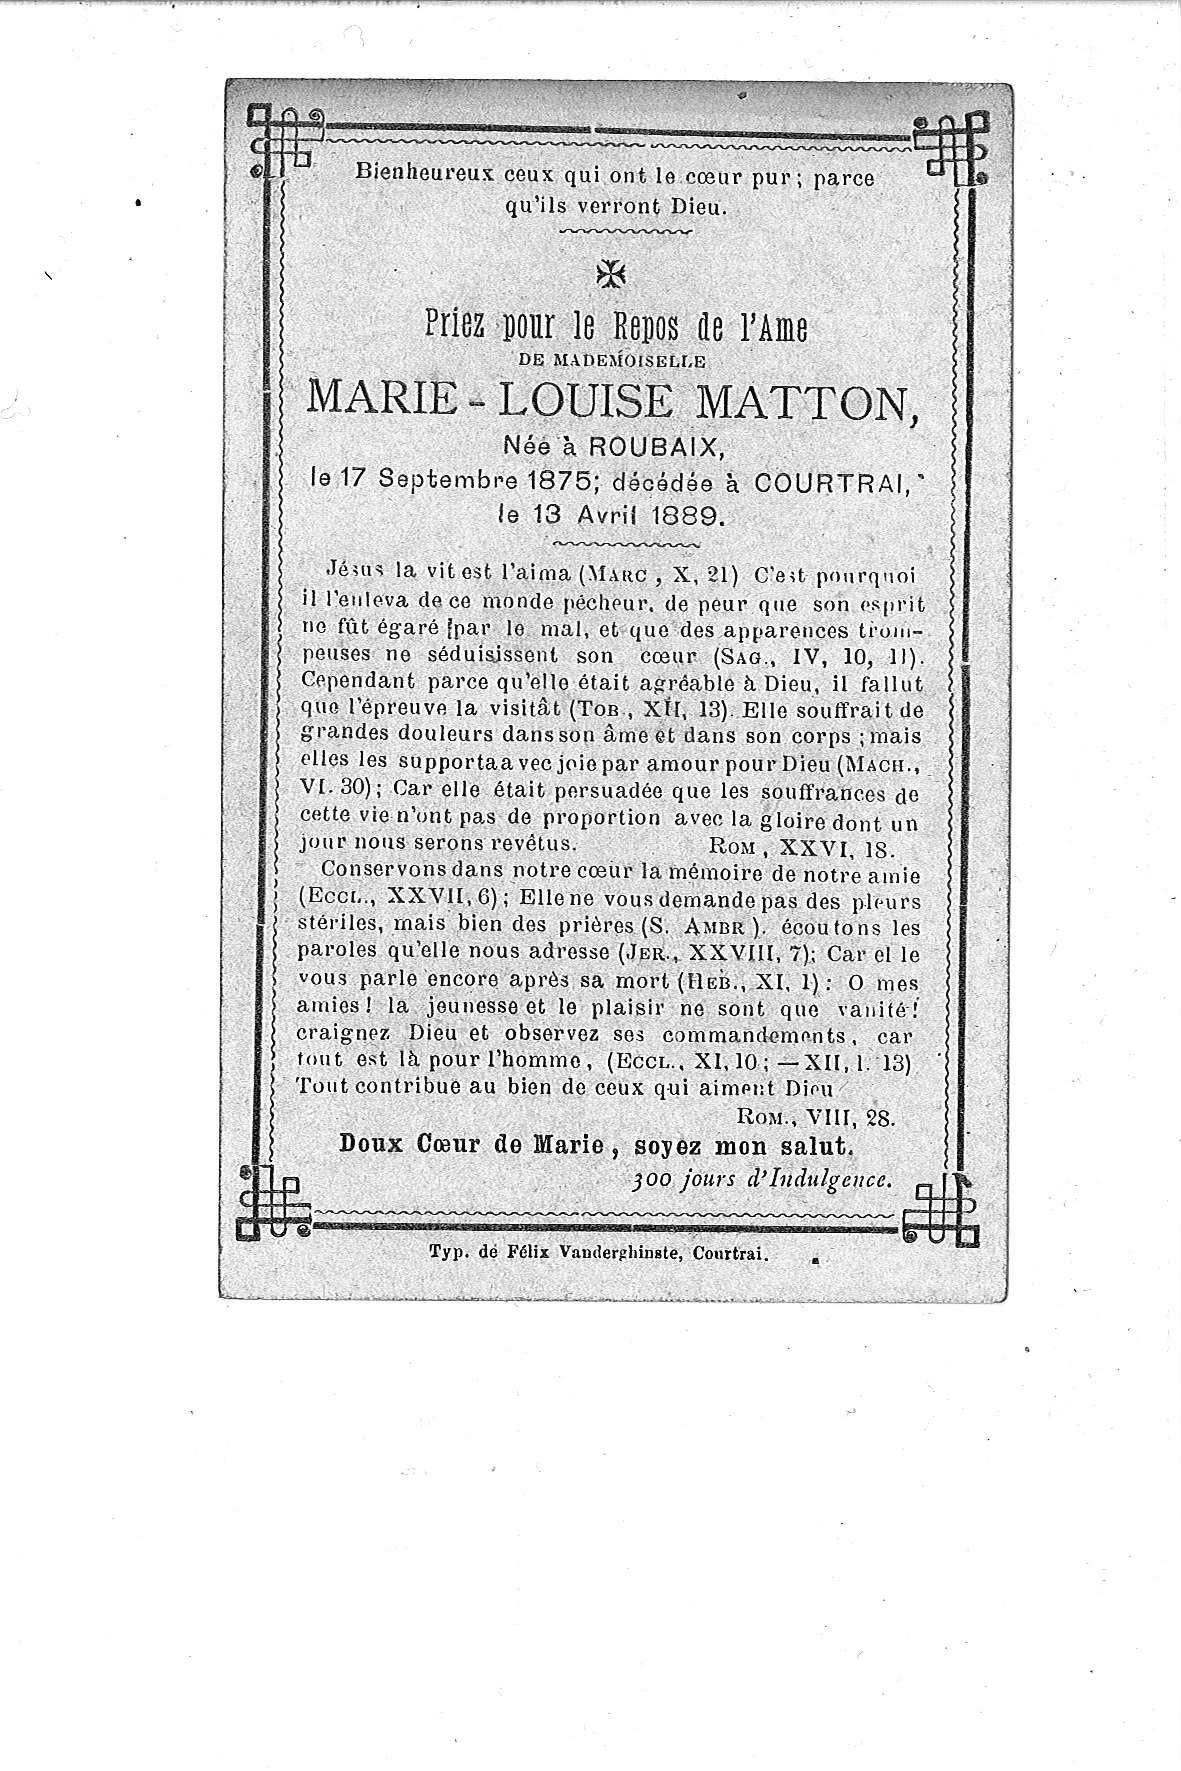 Marie-Louise(1889)20100204132323_00033.jpg